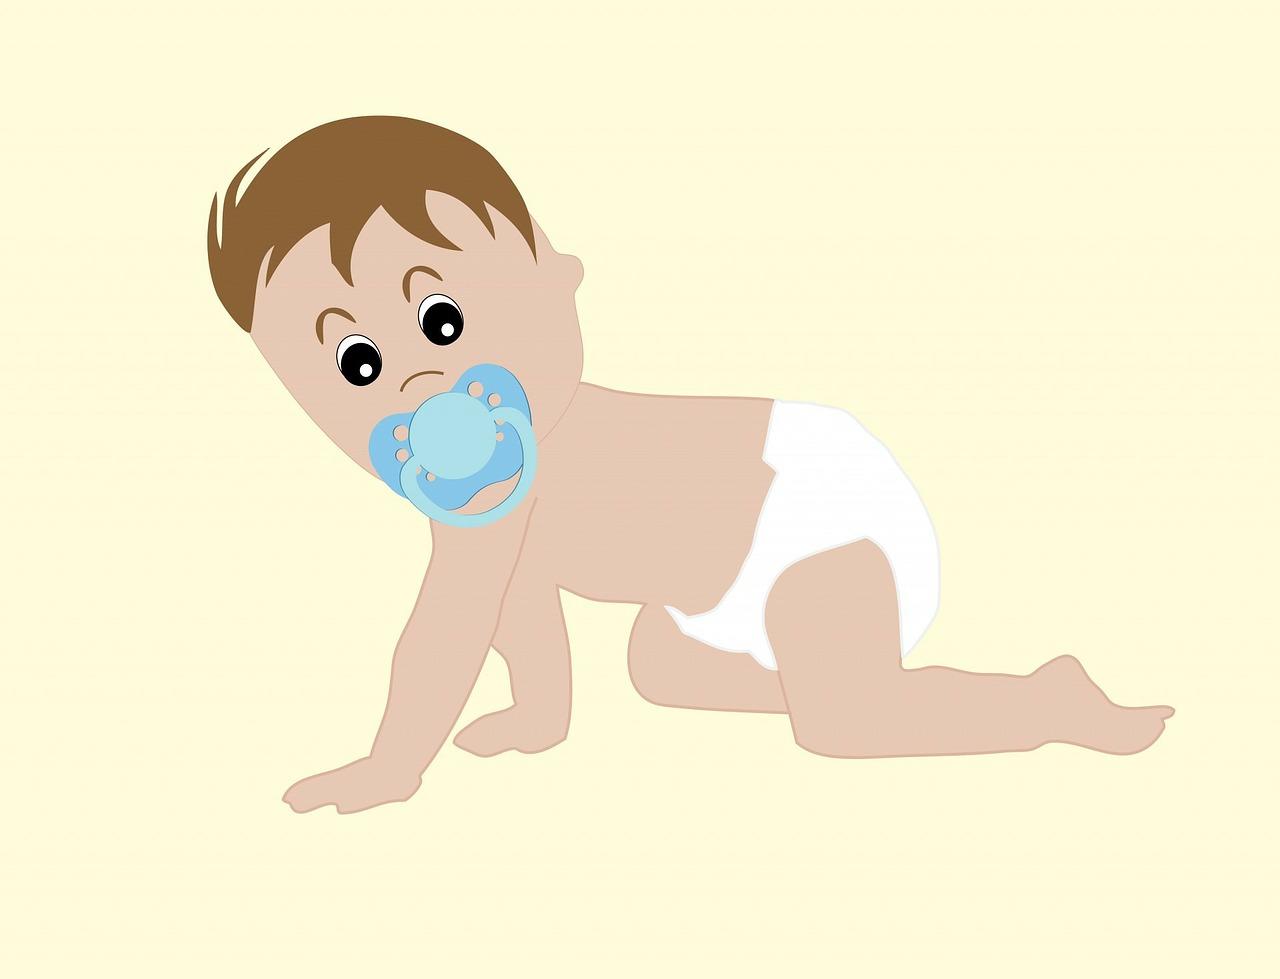 La-Pulizia-del-Bambino-a-Chi-Tocca-se-Disabile La pulizia del bambino: a chi tocca?